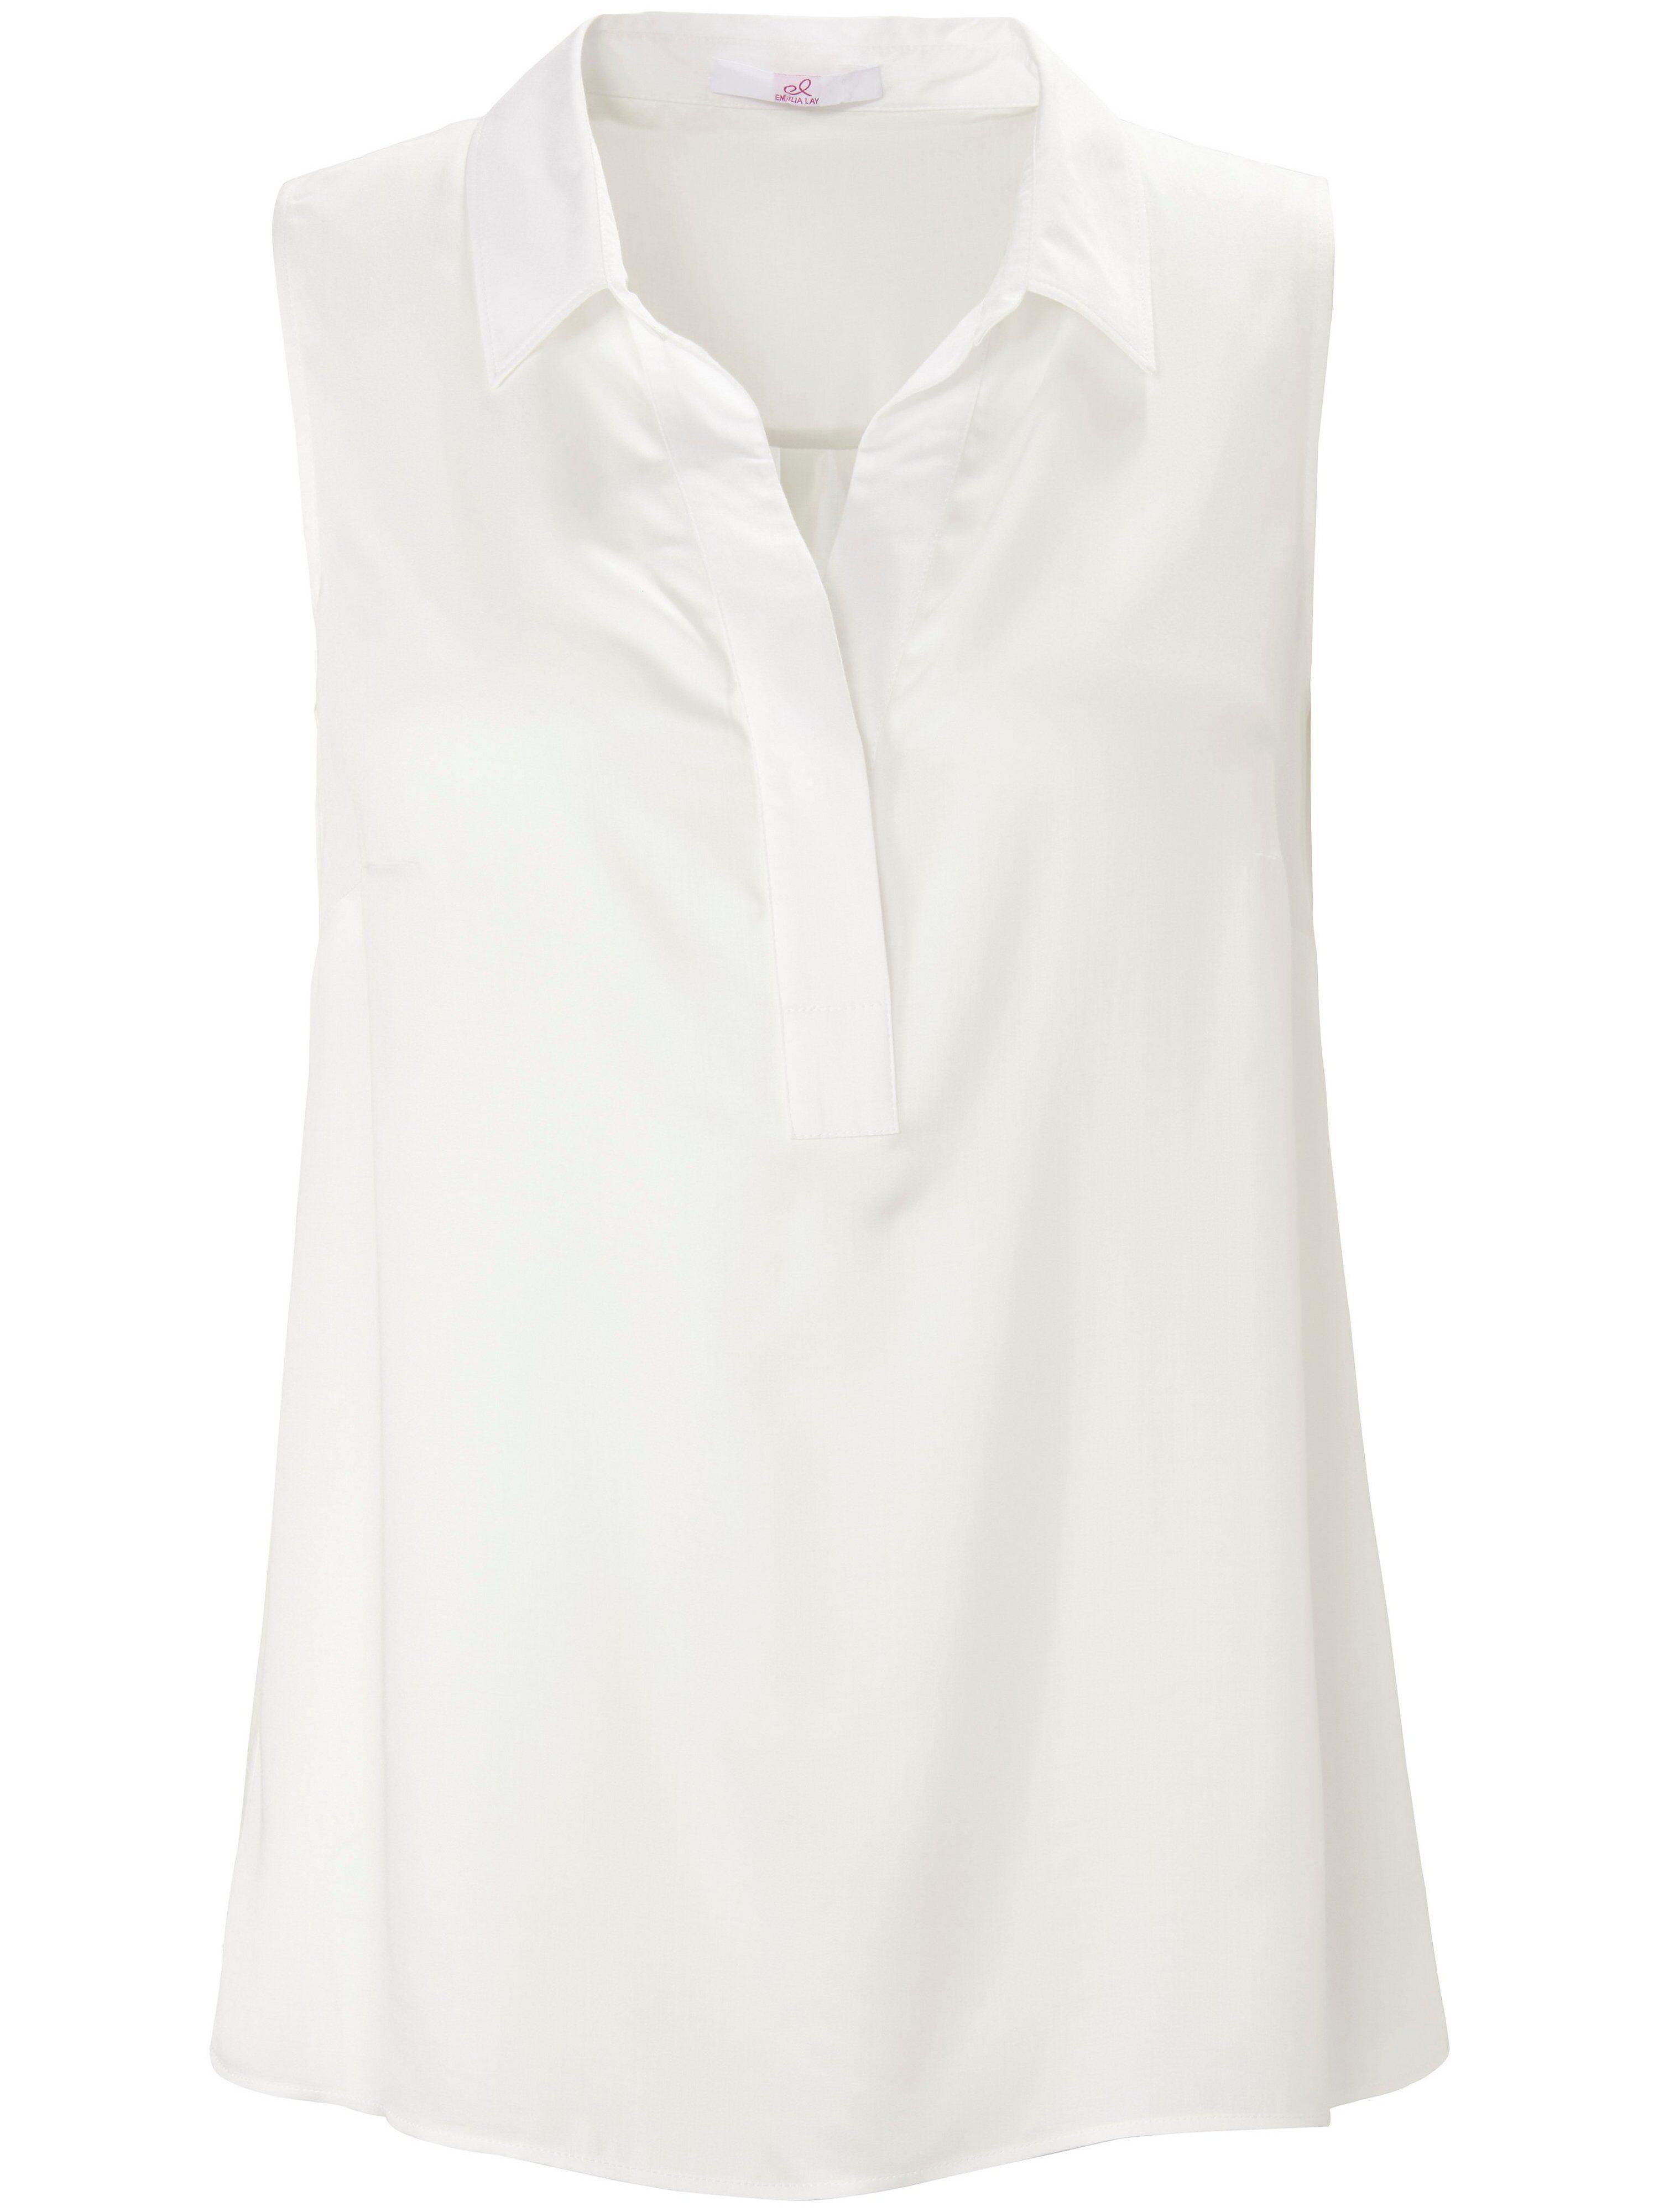 Emilia Lay La blouse ligne décontractée  Emilia Lay blanc  - Femme - 50